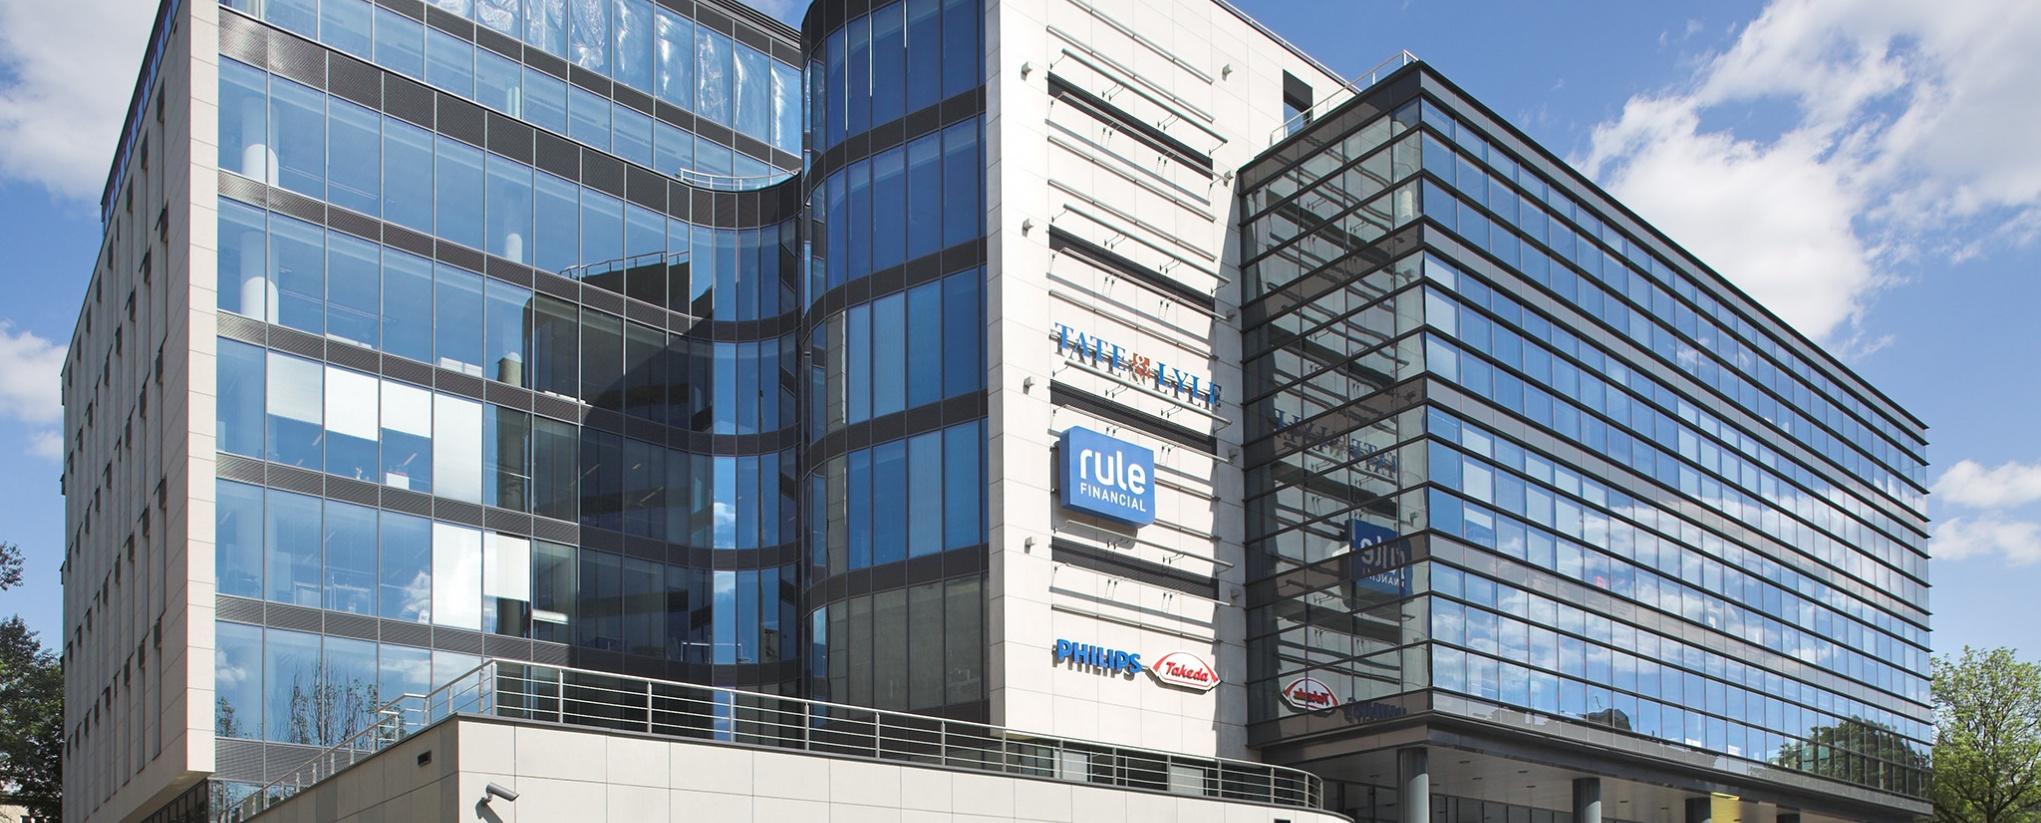 Łódź,Office,ul. Sterlinga 8A,1018